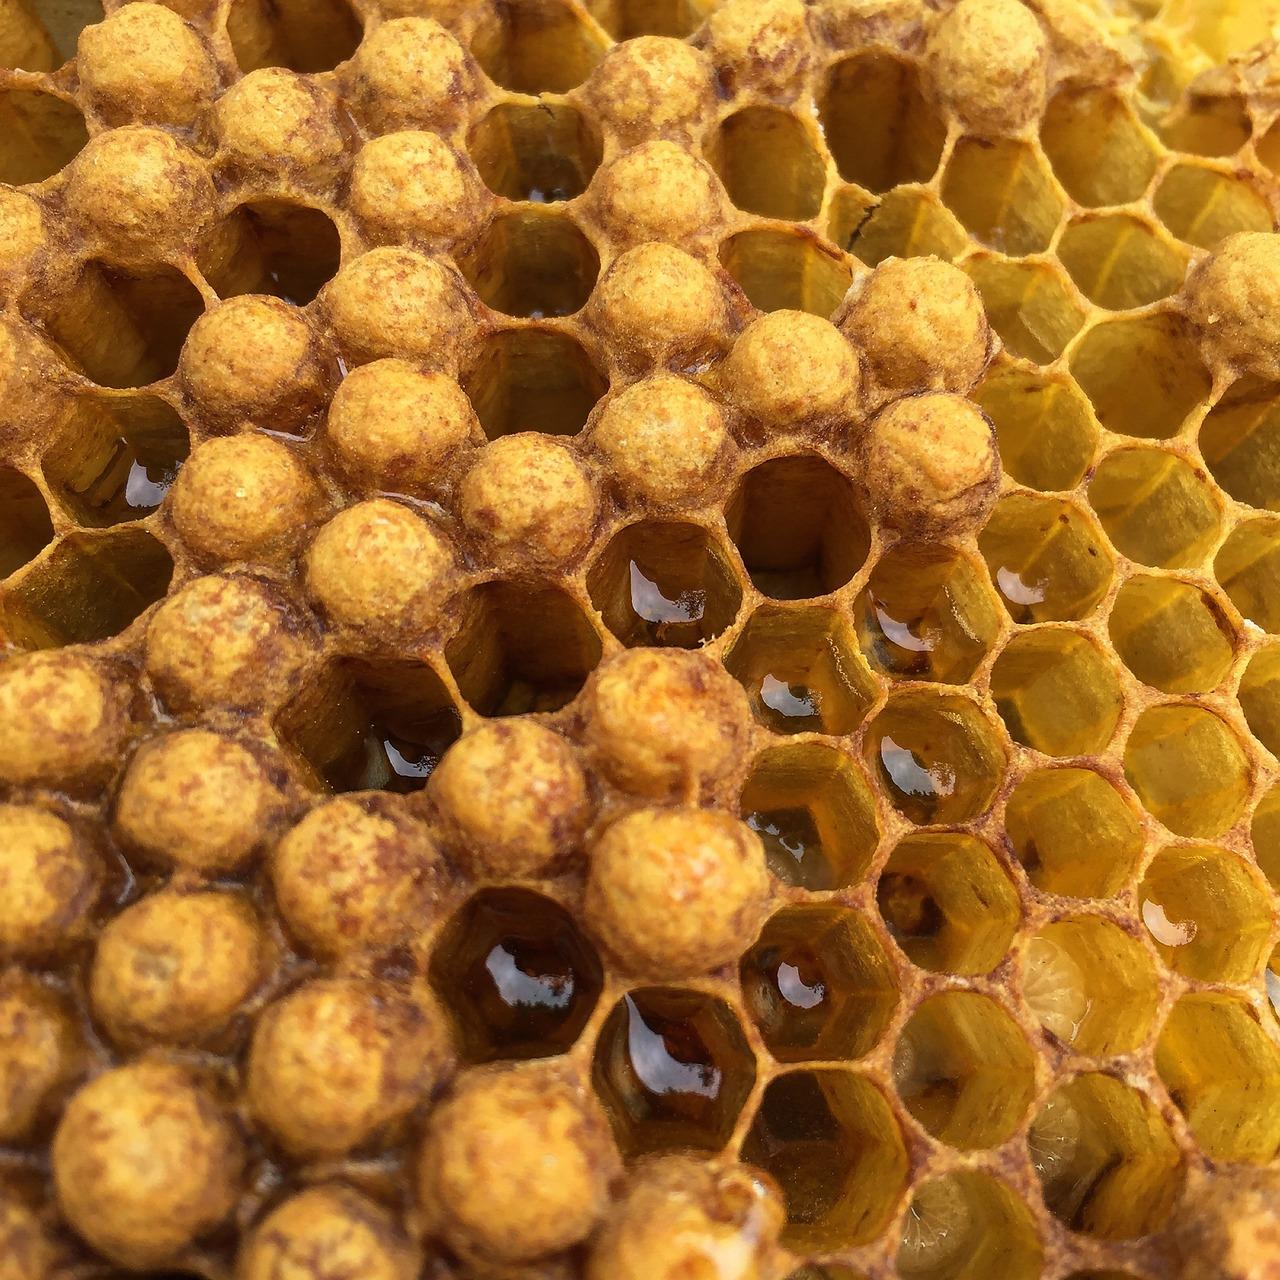 детям о пчелиных сотах в картинках если